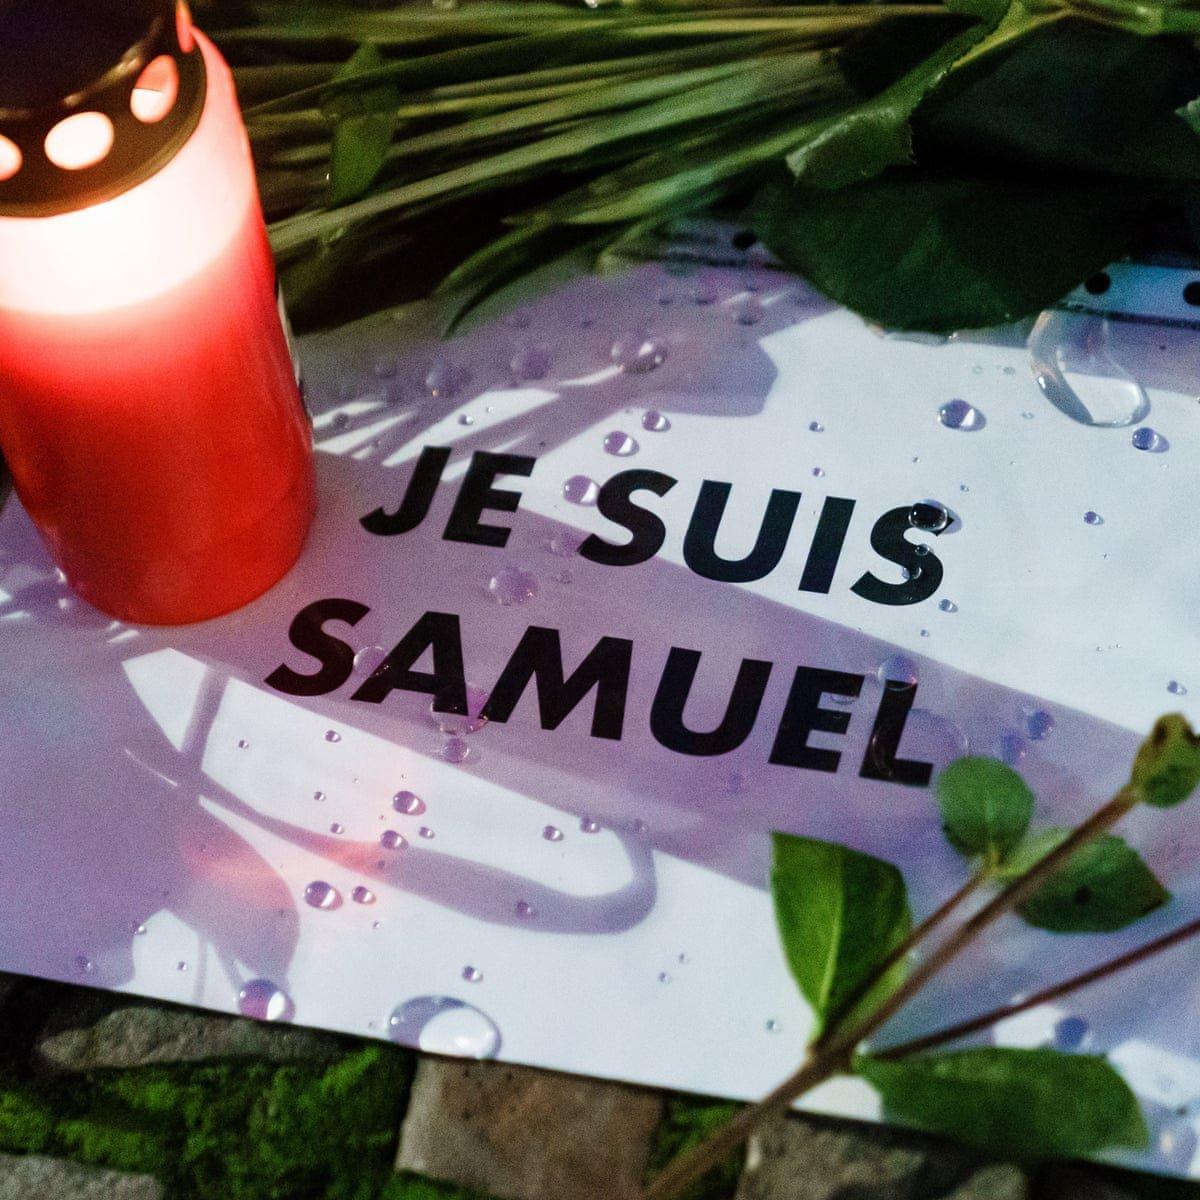 Une collégienne française a admis avoir inventé une histoire ayant conduit à la décapitation de son professeur